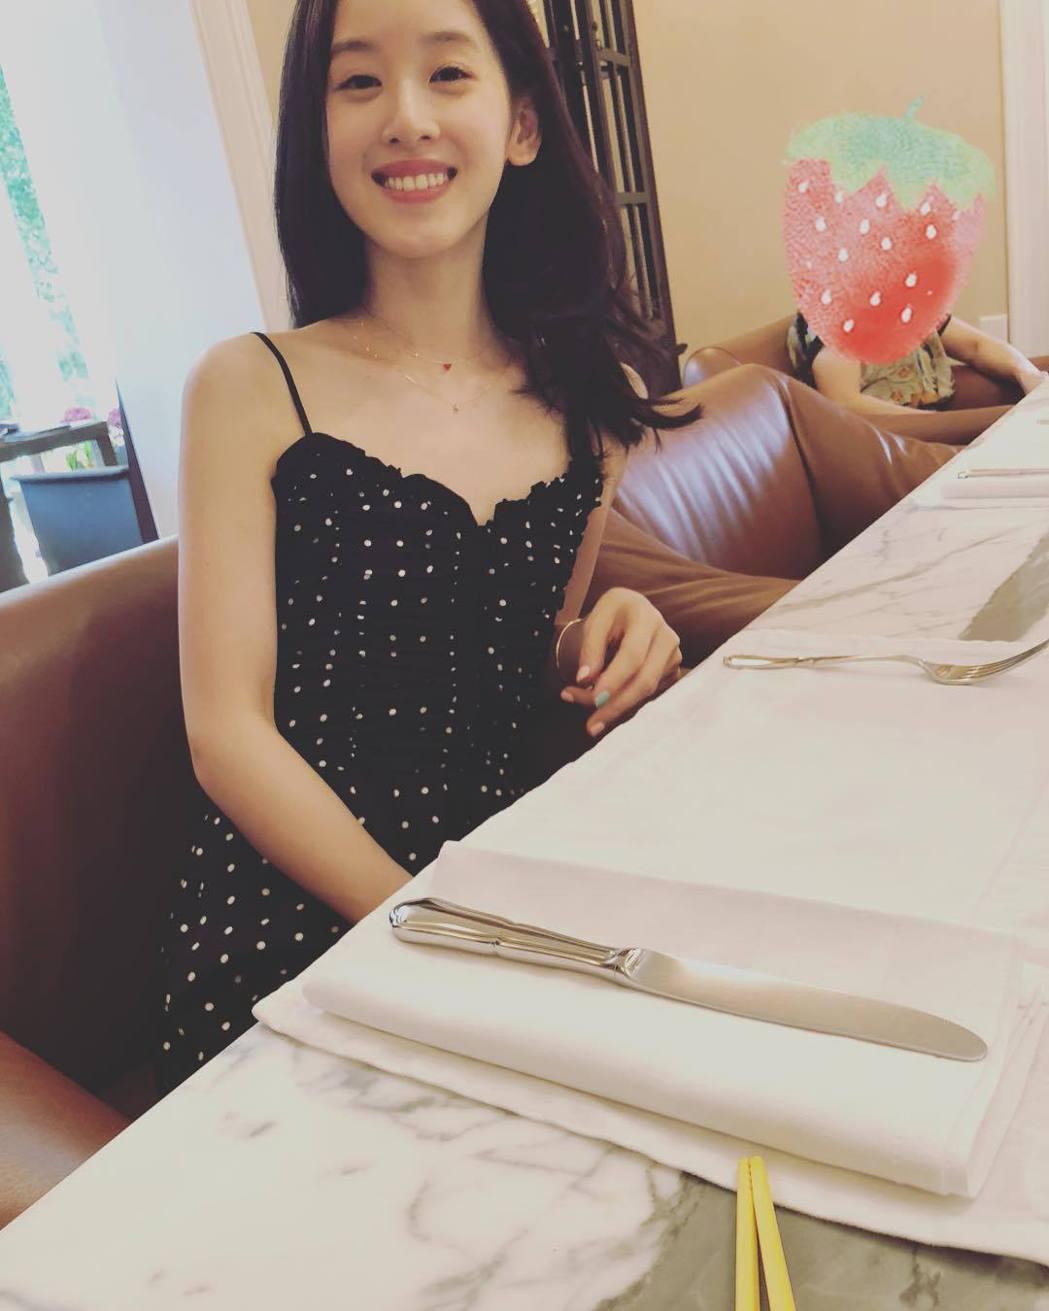 奶茶妹昔日模樣。圖/擷自instagram。